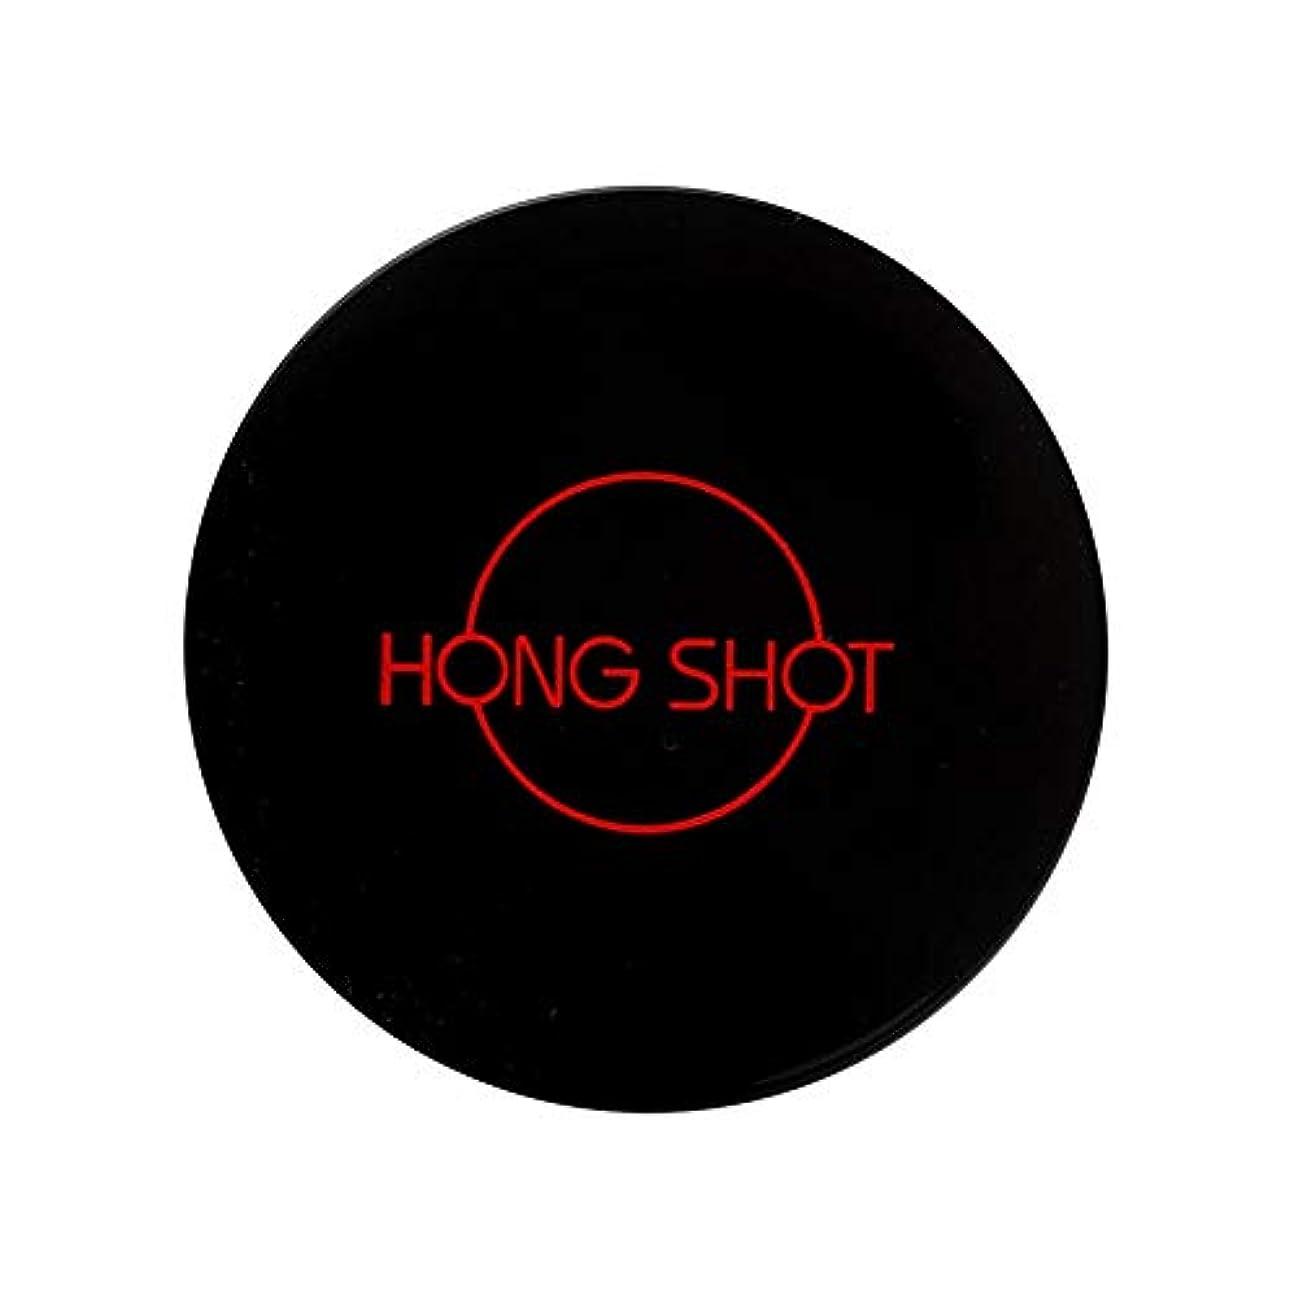 人里離れた腫瘍無傷[HONG SHOT] ホンシャトパワーラスティングコンシルファクト 16g / HONGSHOT POWER LASTING CONCEAL PACT 16g / Hongjinyoung PACT [並行輸入品] (21号)